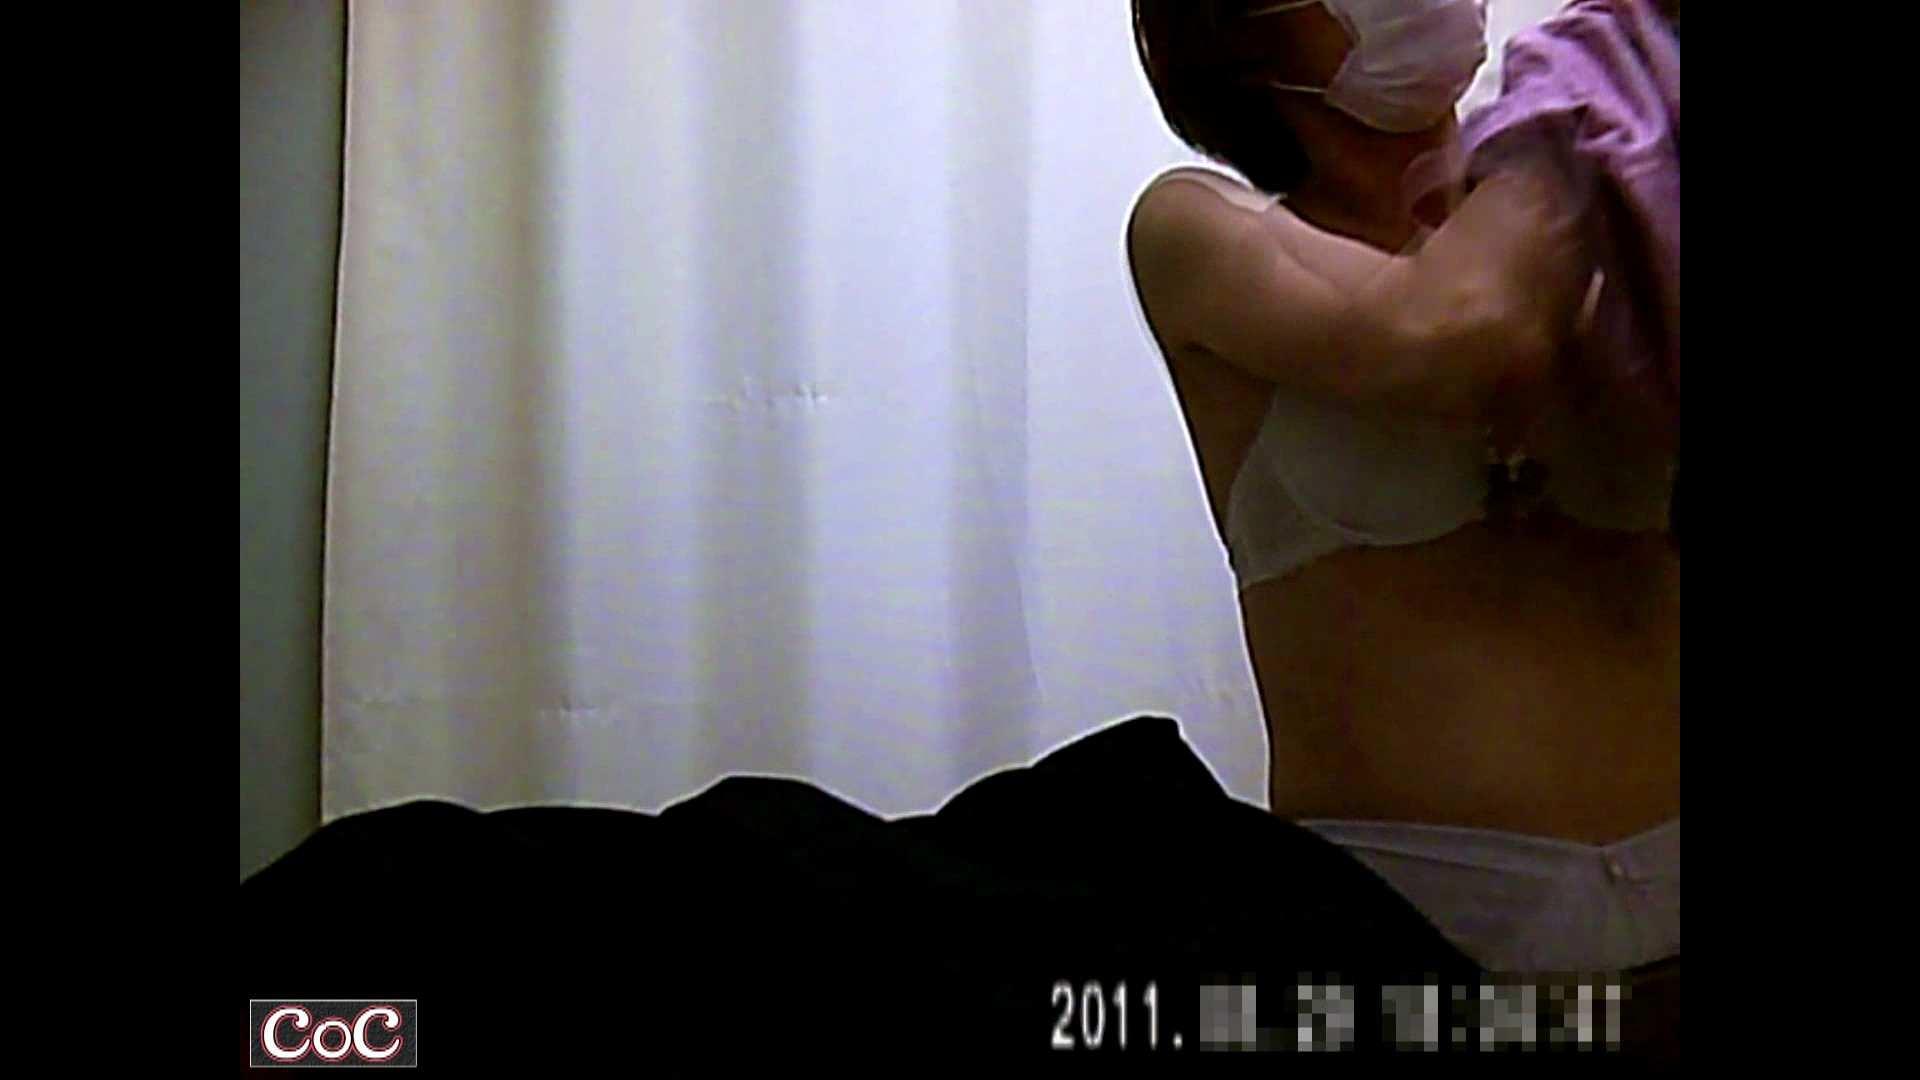 病院おもいっきり着替え! vol.17 OLの実態 盗撮ヌード画像 102pic 51